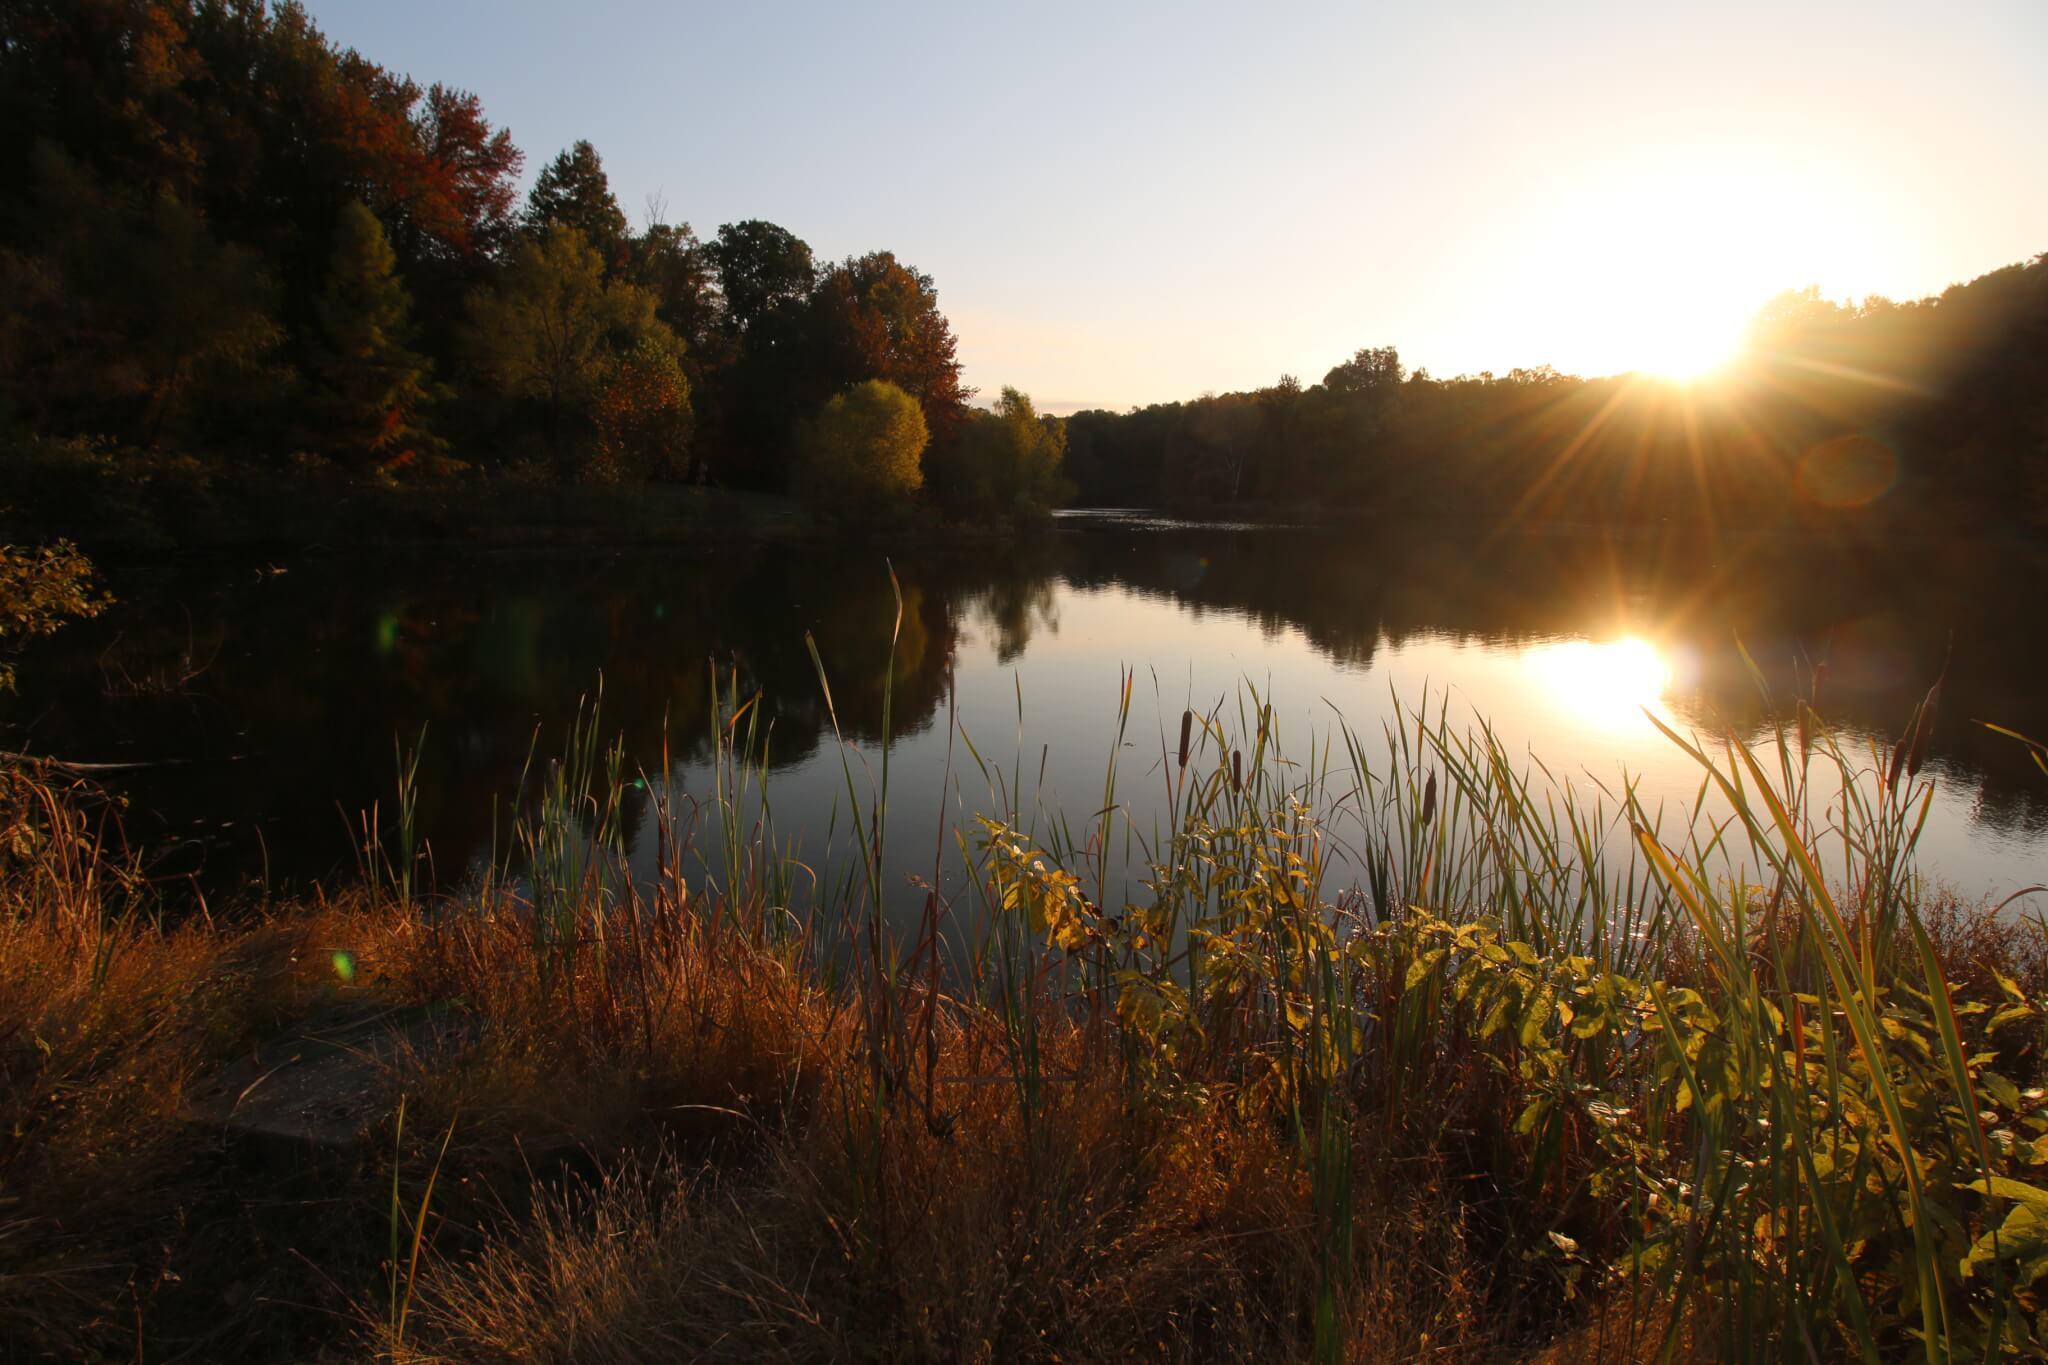 John James Audubon State Park_Lake View_CampsitePhotos.com